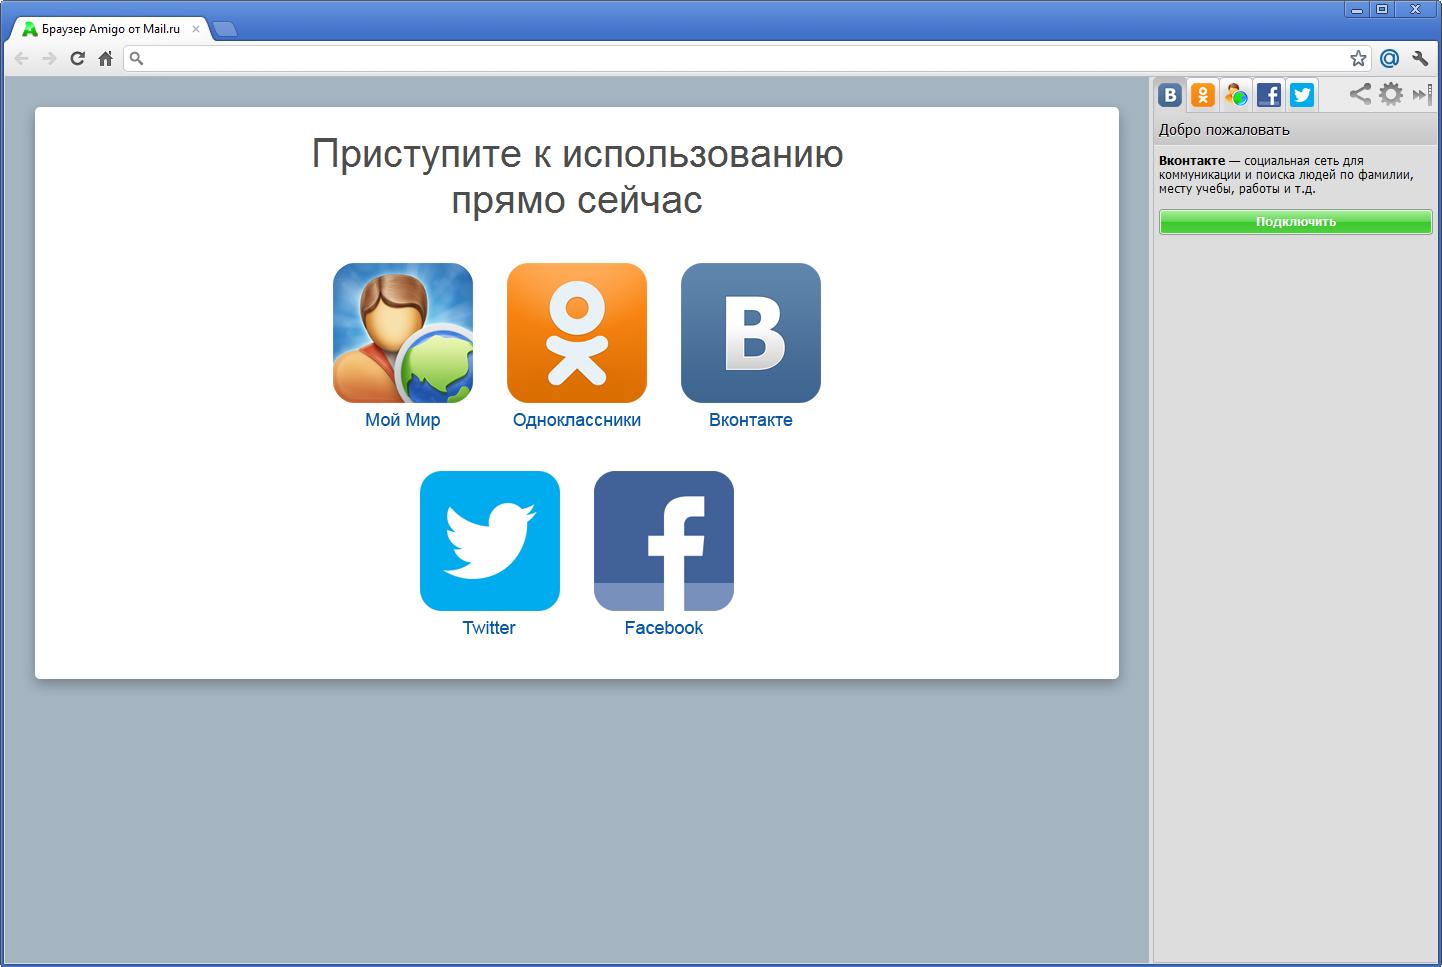 Скачать бесплатно программу для социальных сетей